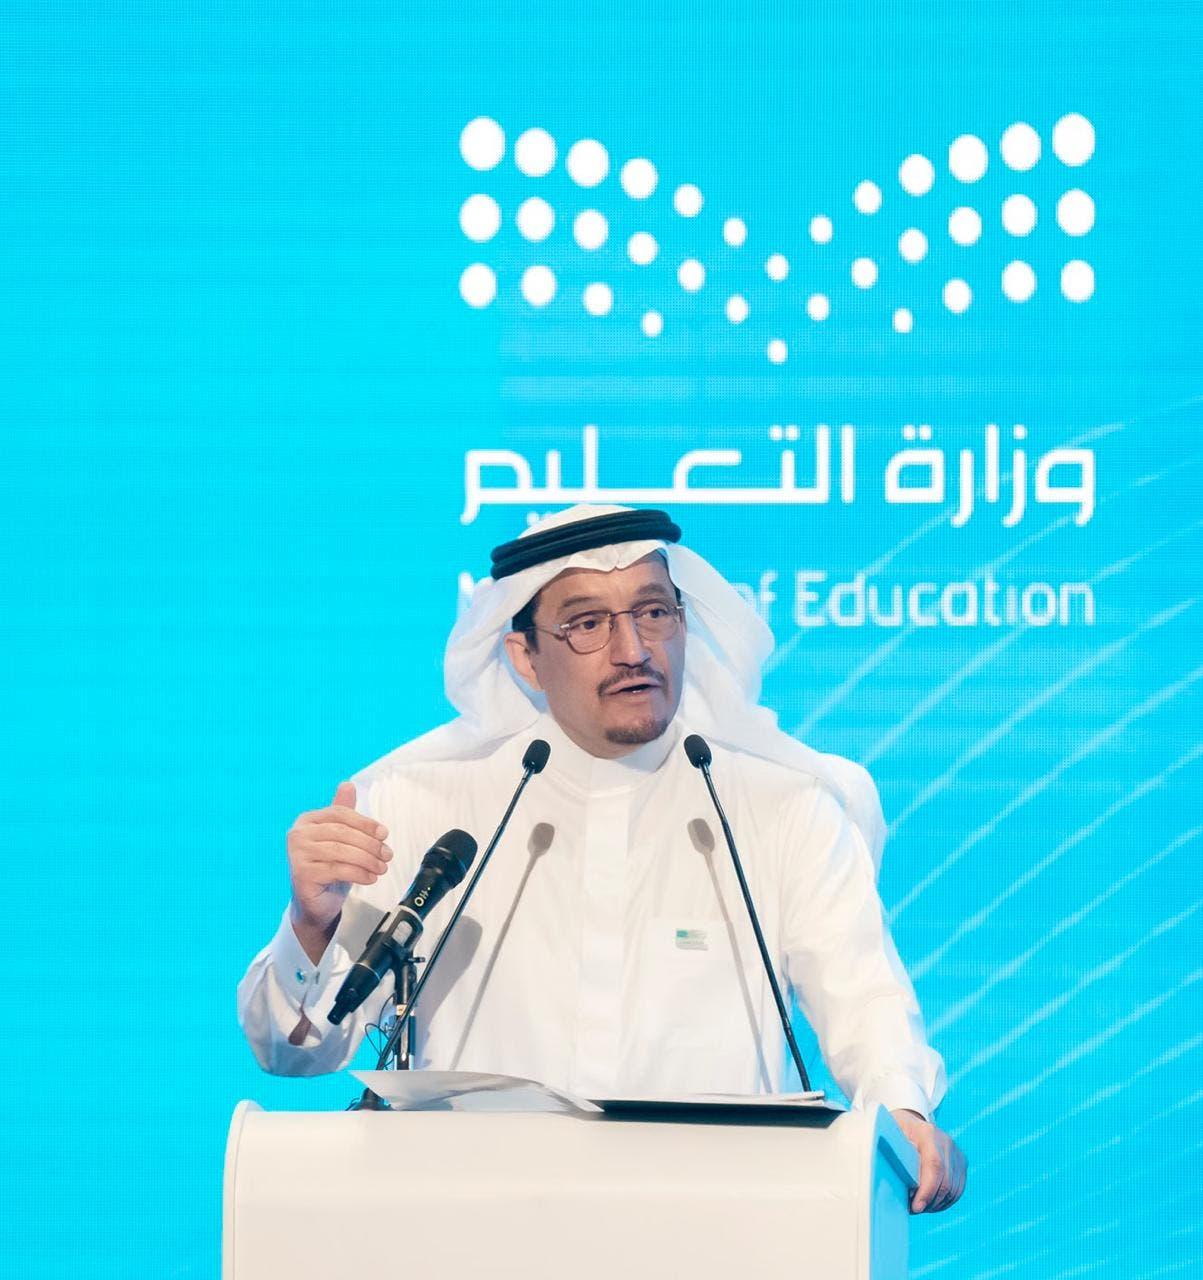 سعودی وزیرتعلیم حمدآل الشیخ